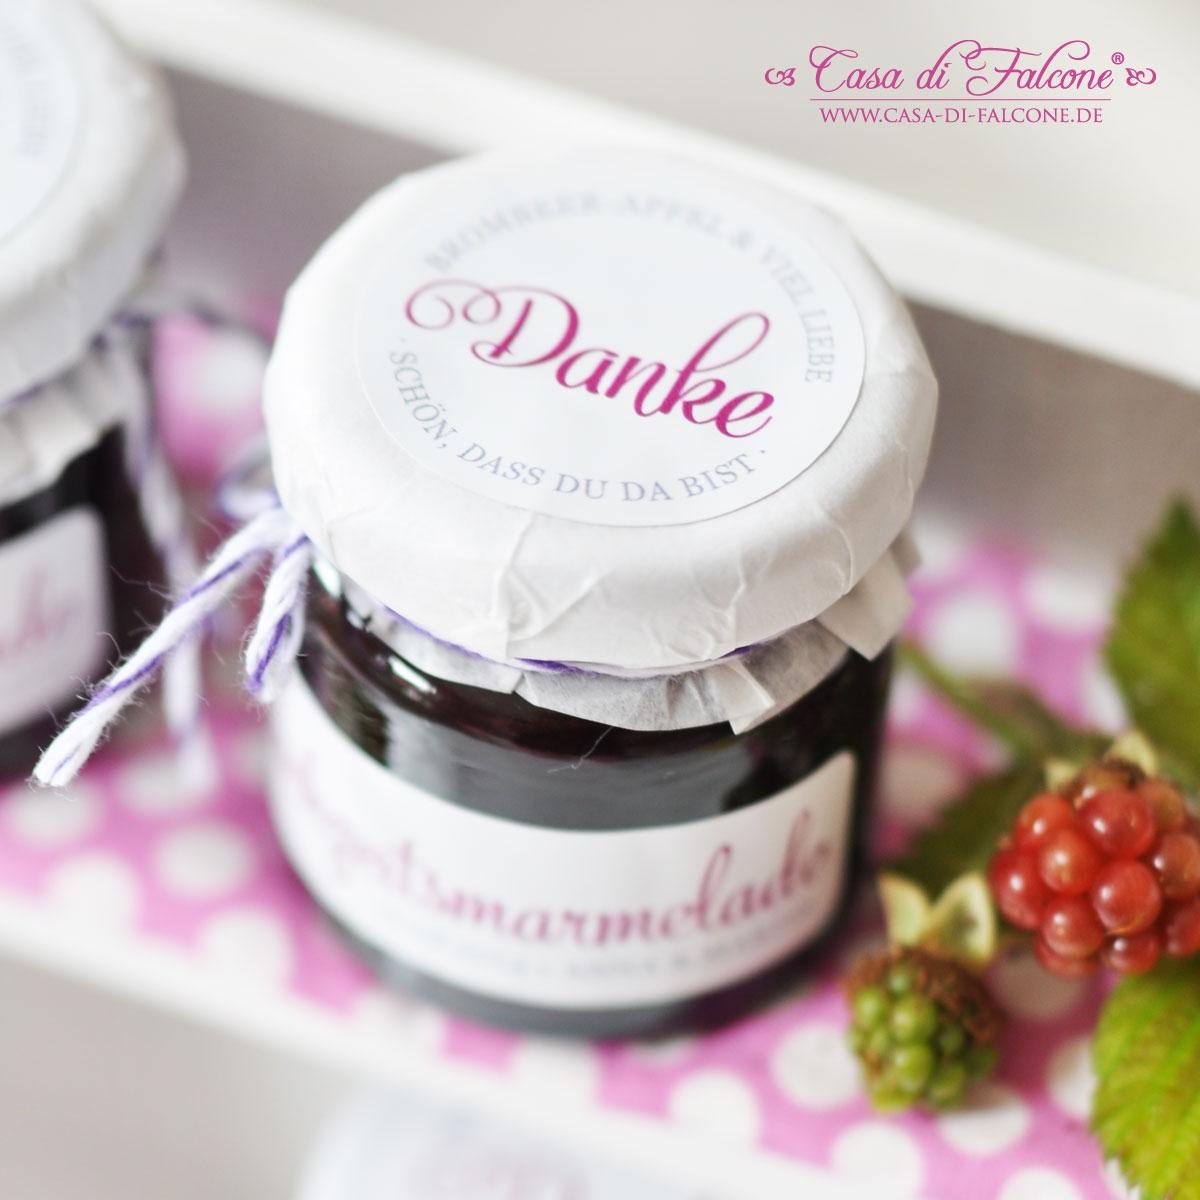 ... iii passend z b auf marmeladengläser und perfekt für gastgeschenke